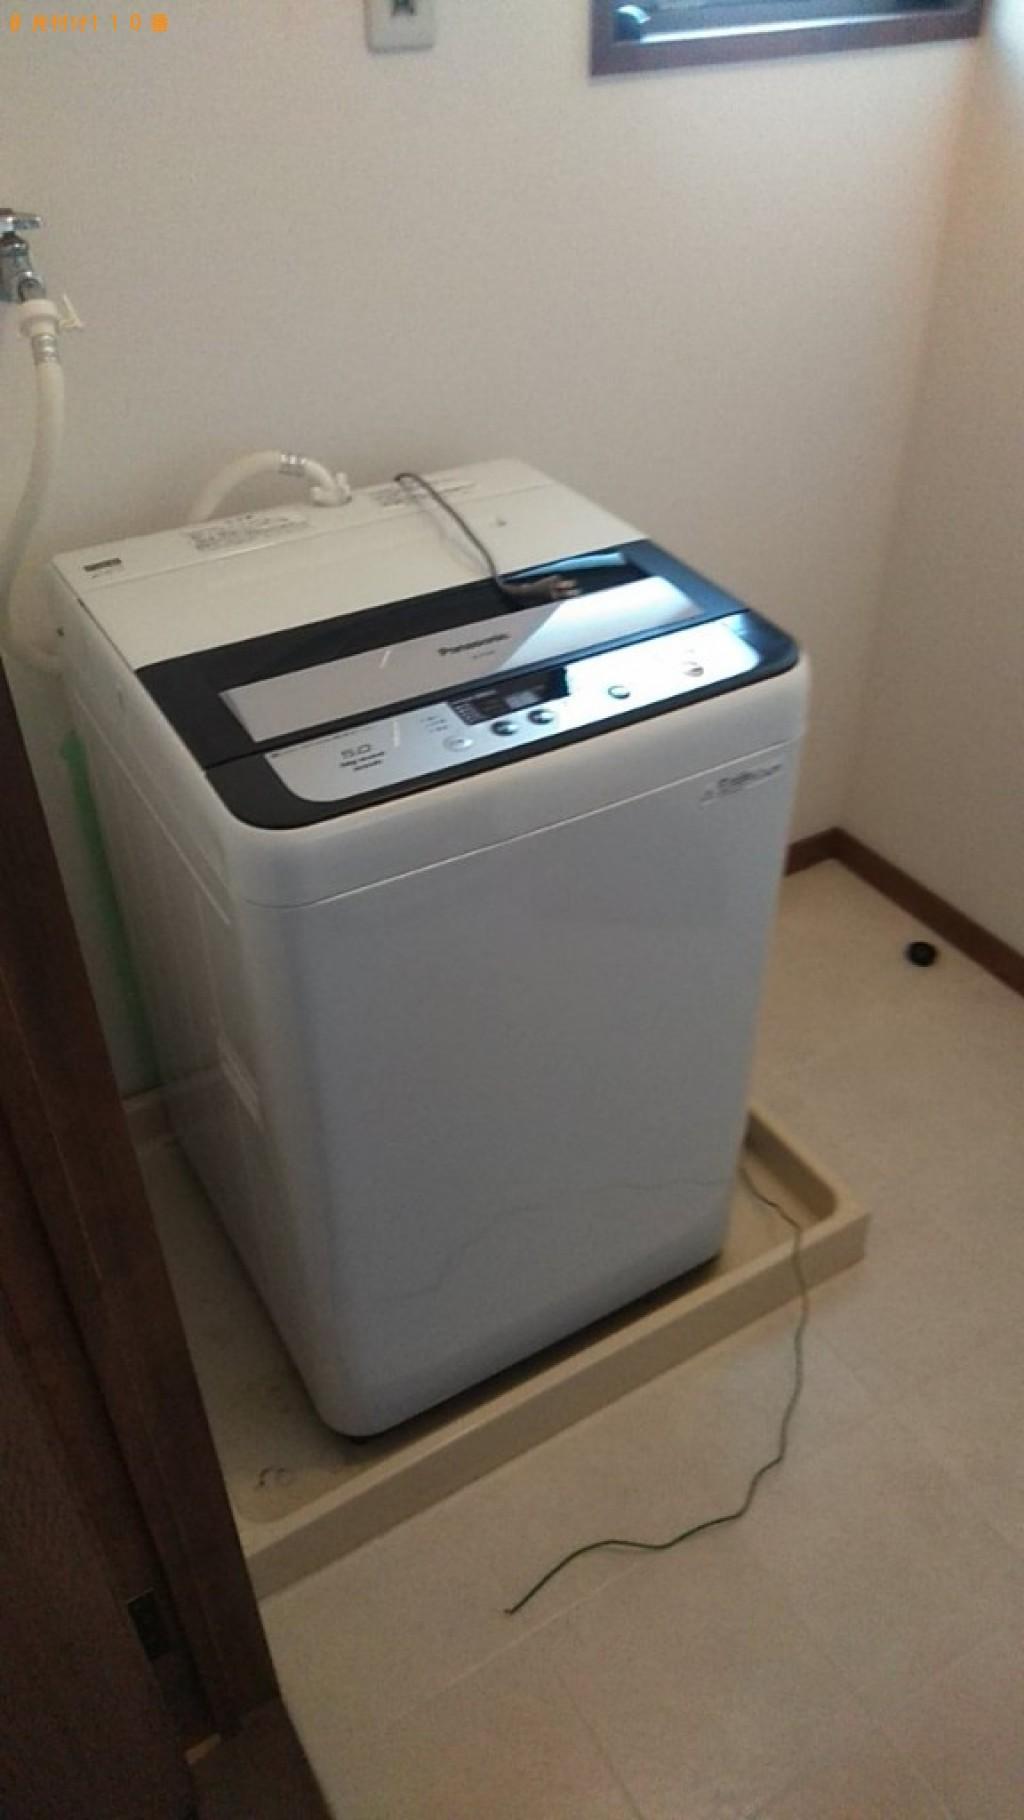 【松山市土居田町】洗濯機の回収・処分ご依頼 お客様の声